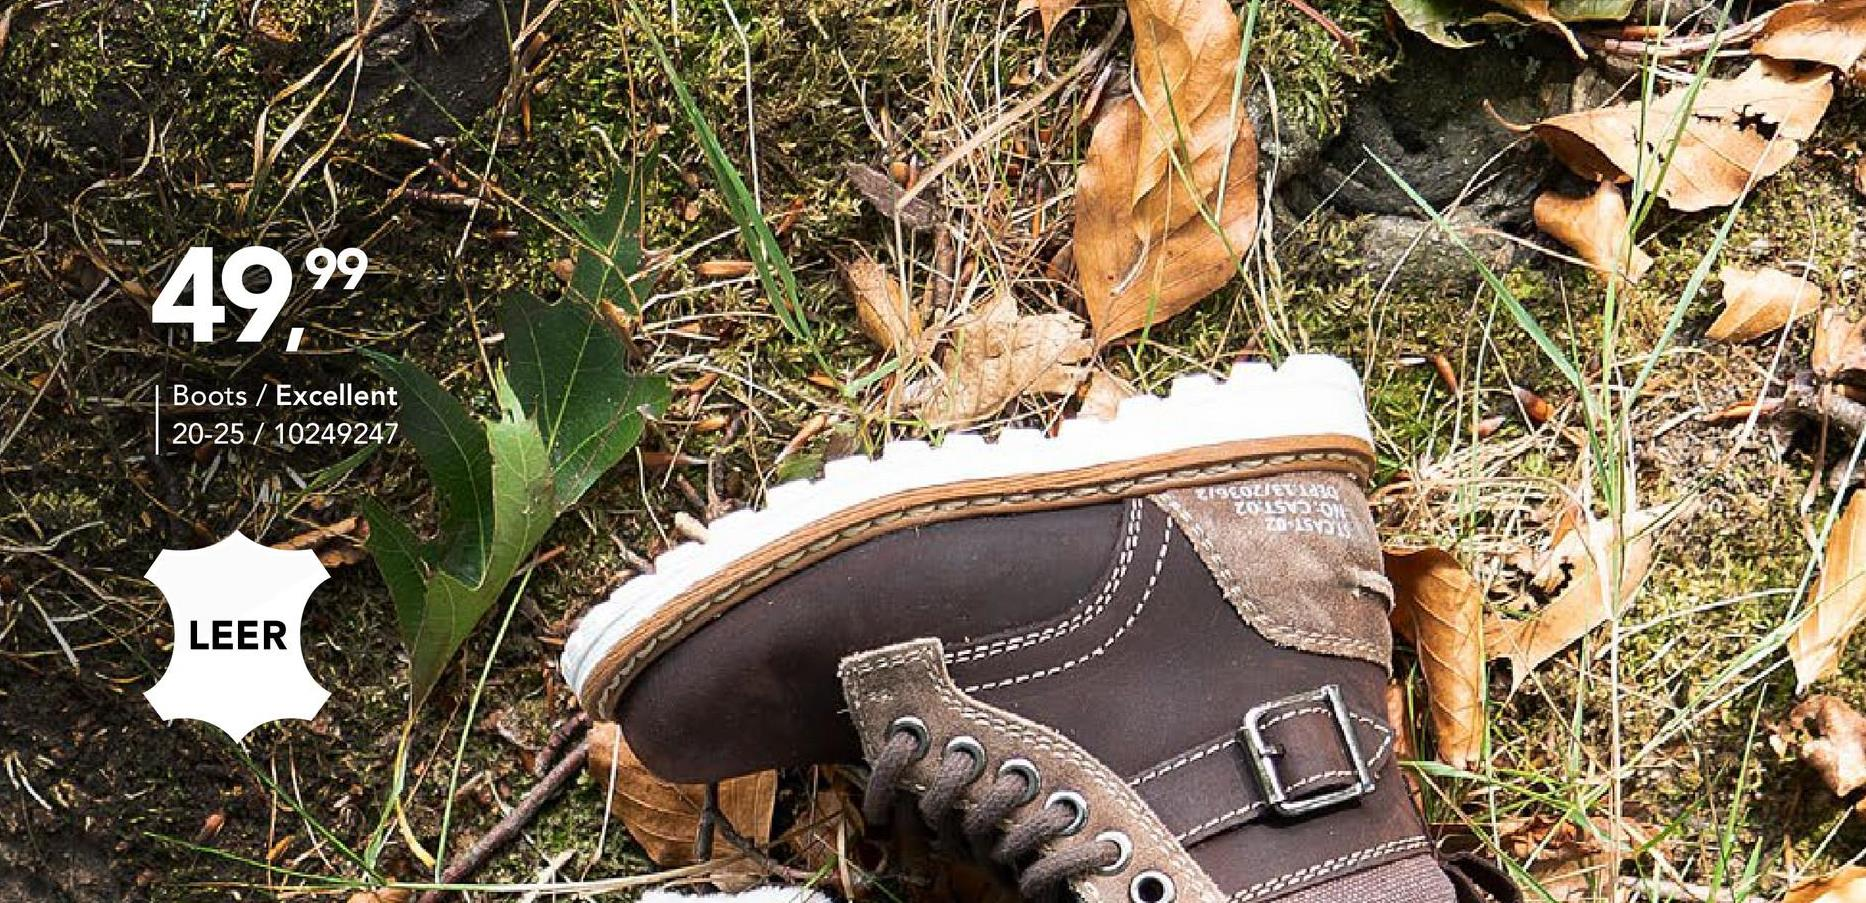 Leren boot Excellent - Bruin - maat 20 - Goedkope Hoge schoenen & boots - Hoge schoenen & Boots - Leer Stoere boot in echt leer van het merk Excellent voor jongens. Dit model met warme voering en rubberen schoenzool is een echte must-have tijdens de koude wintermaanden! Dankzij de ritssluiting kan je deze enkellaars bovendien makkelijk en snel aan- en uittrekken.